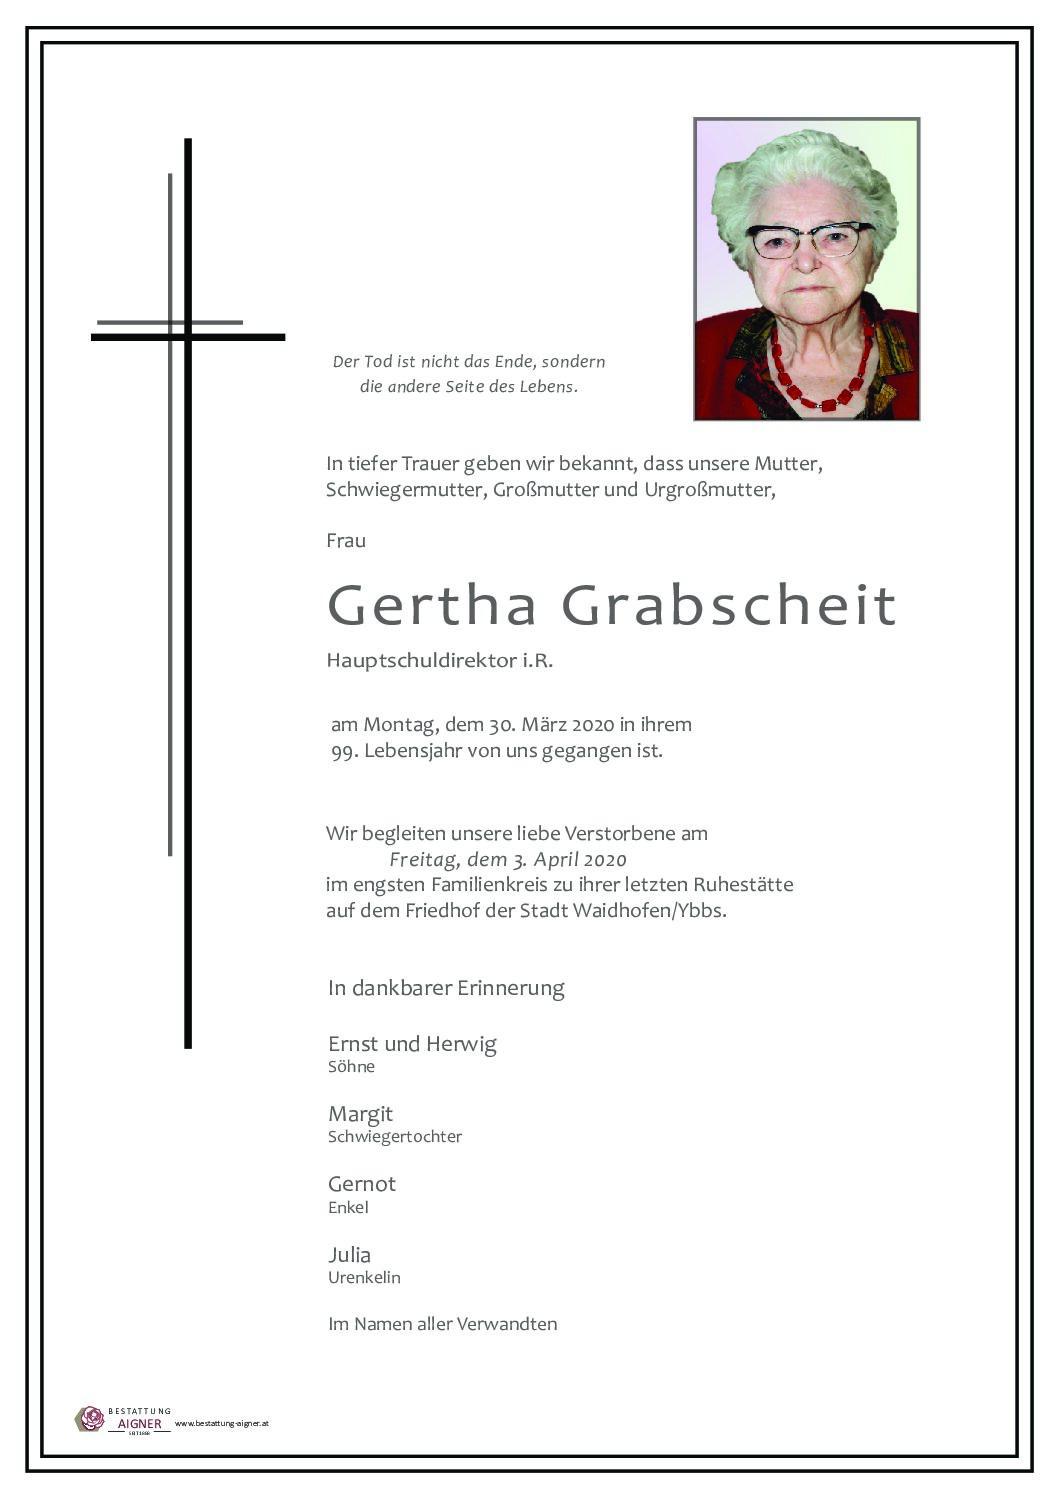 Gertha Grabscheit